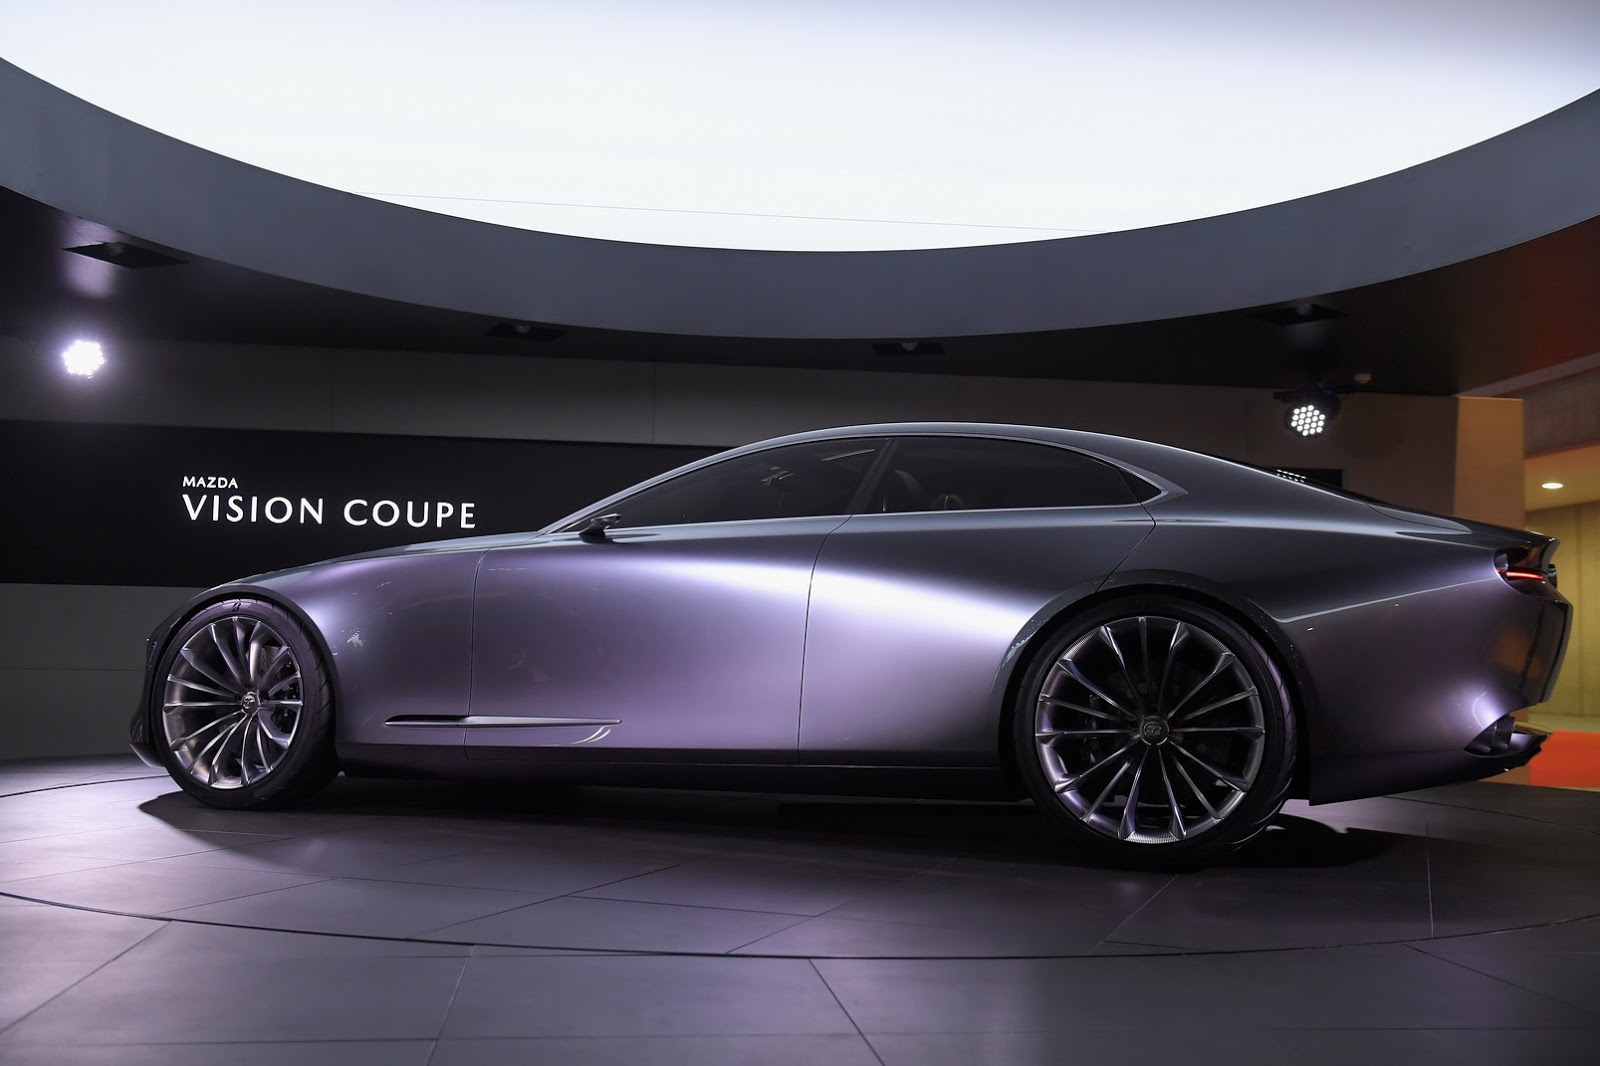 Mazda đang phát triển động cơ xăng và dầu 6 động cơ Skyactiv-X mới - 17